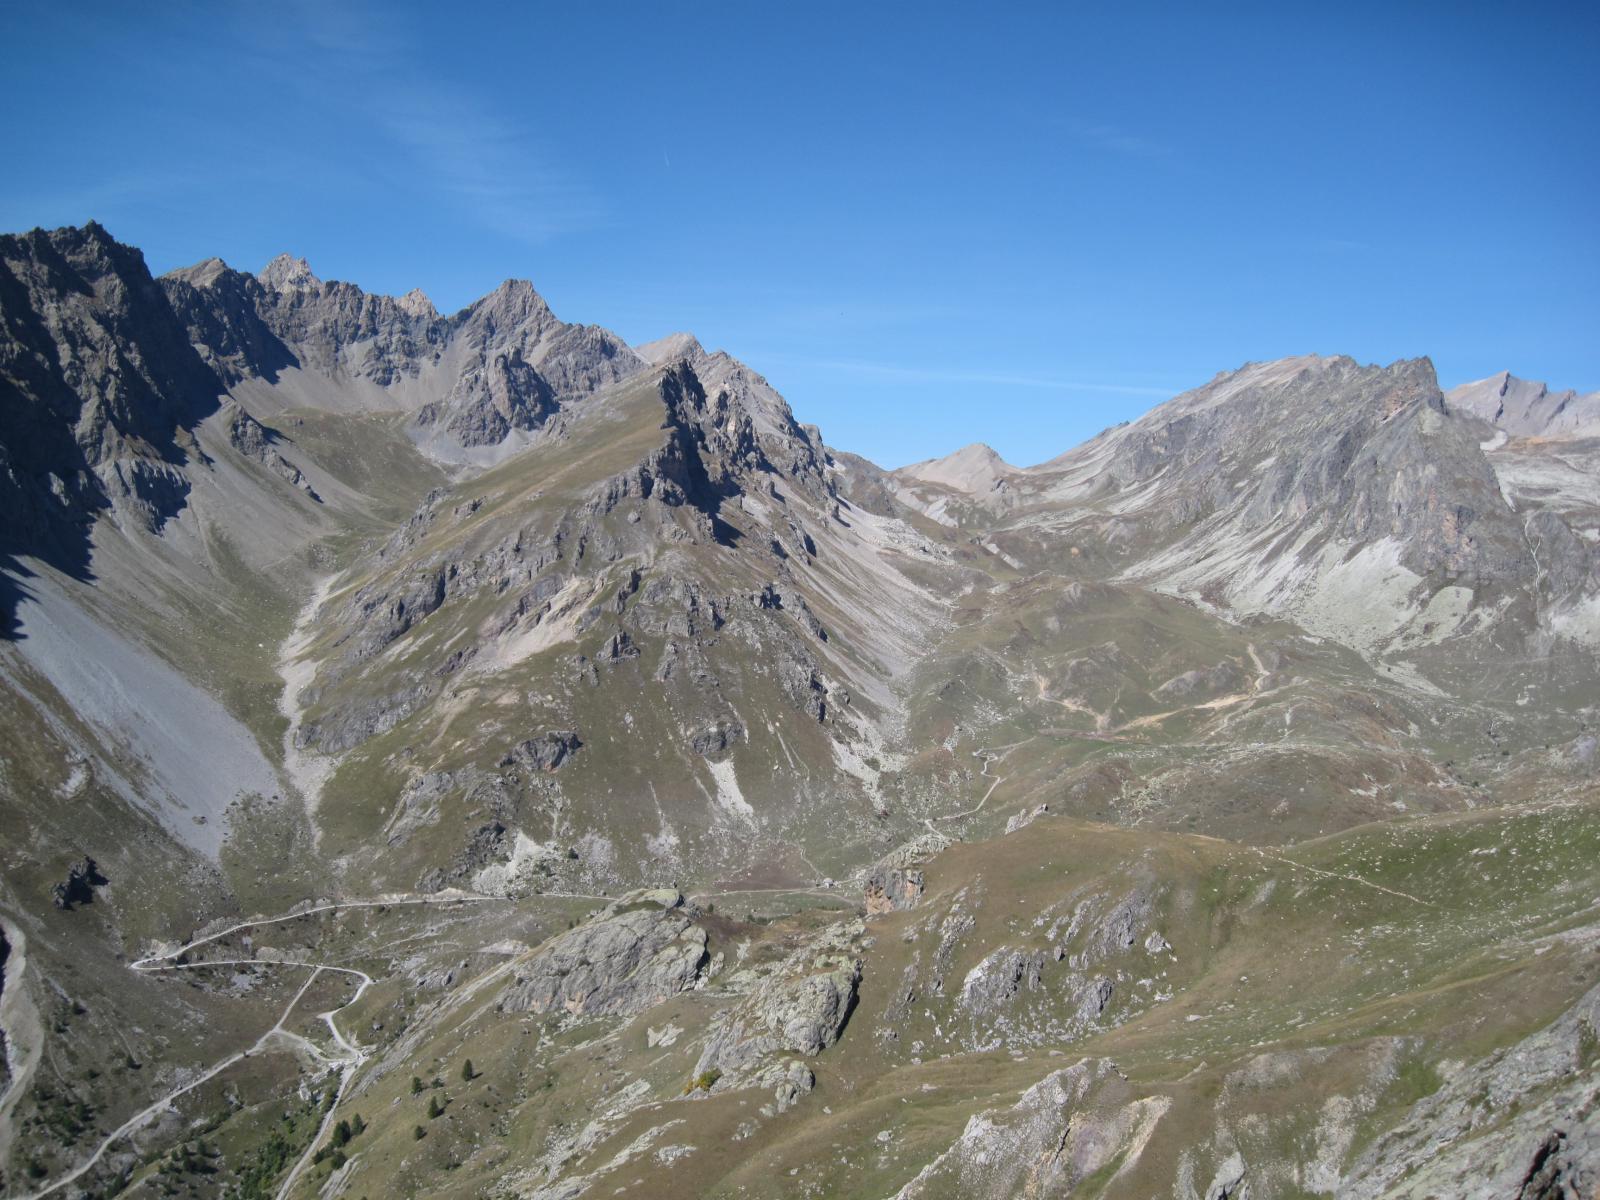 vallone Infernetto, Tete de l'Homme, Ciaslaras e vallone del Maurin